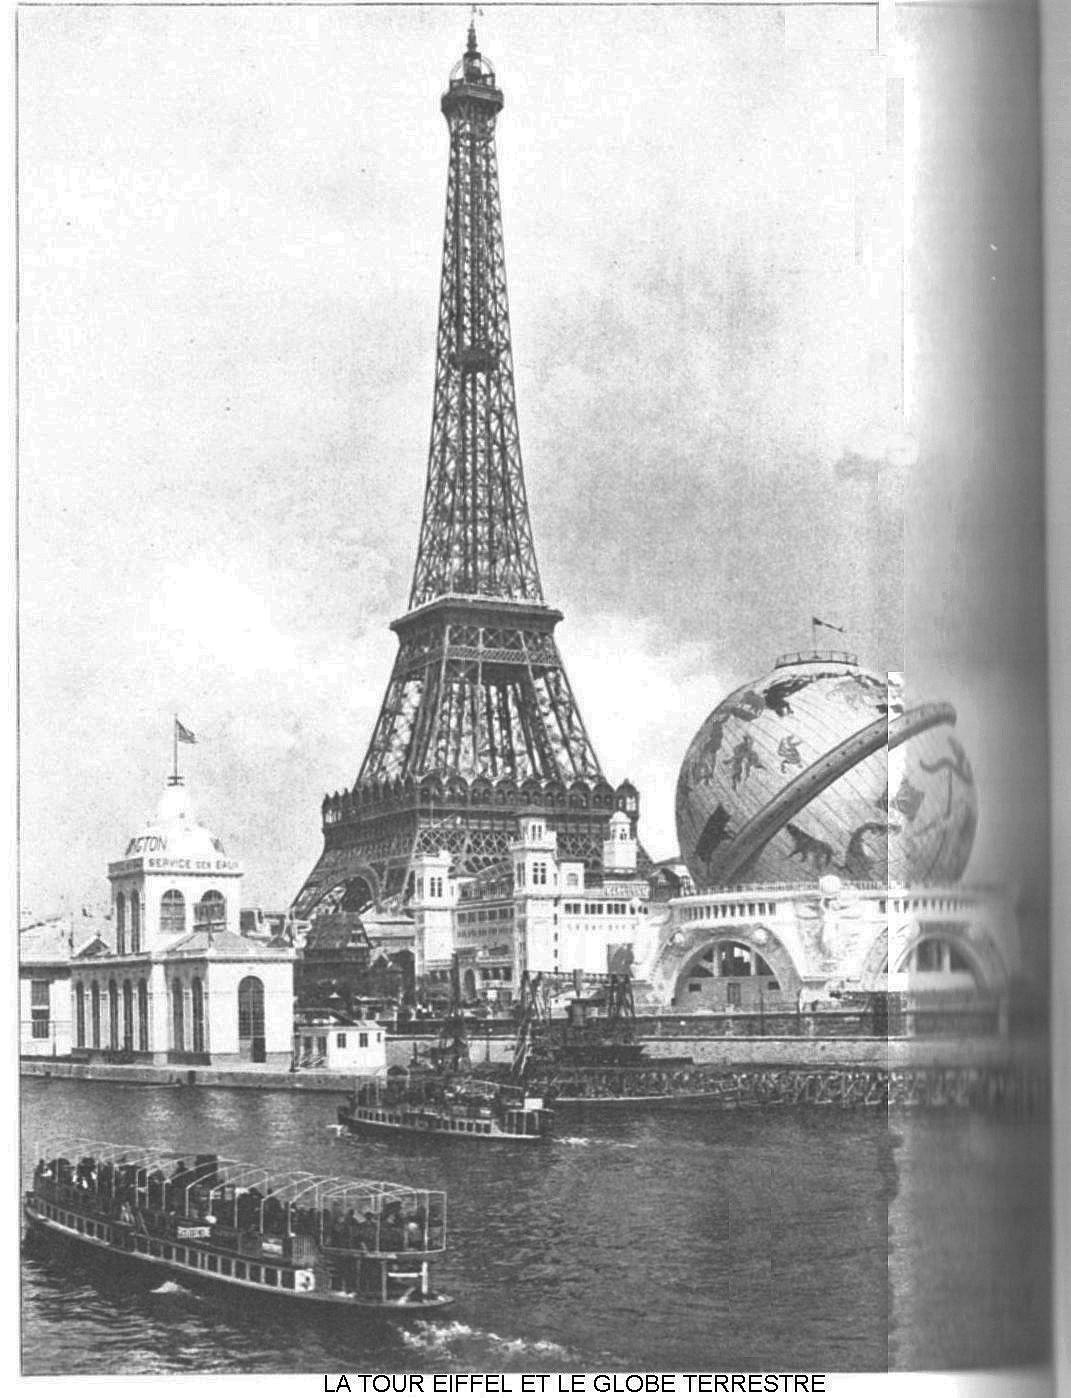 La tour eiffel et le globe terrestre